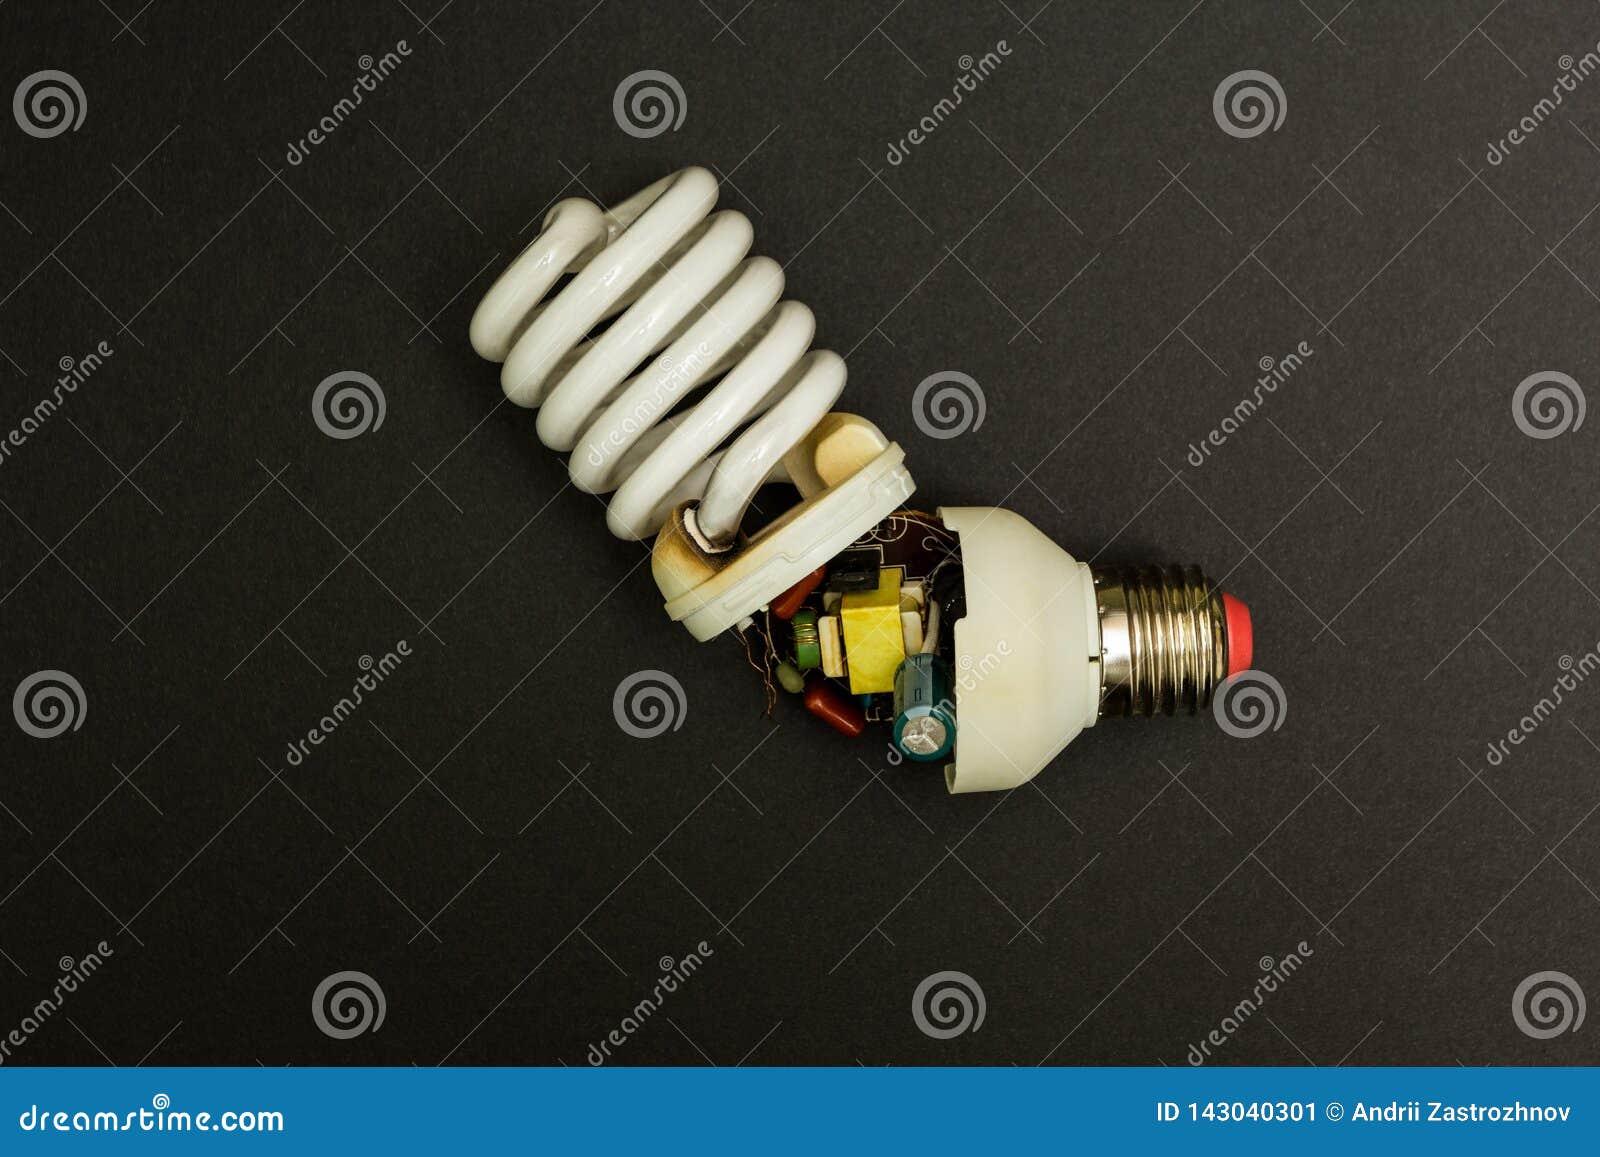 Gebroken fluorescente lamp op een zwarte achtergrond